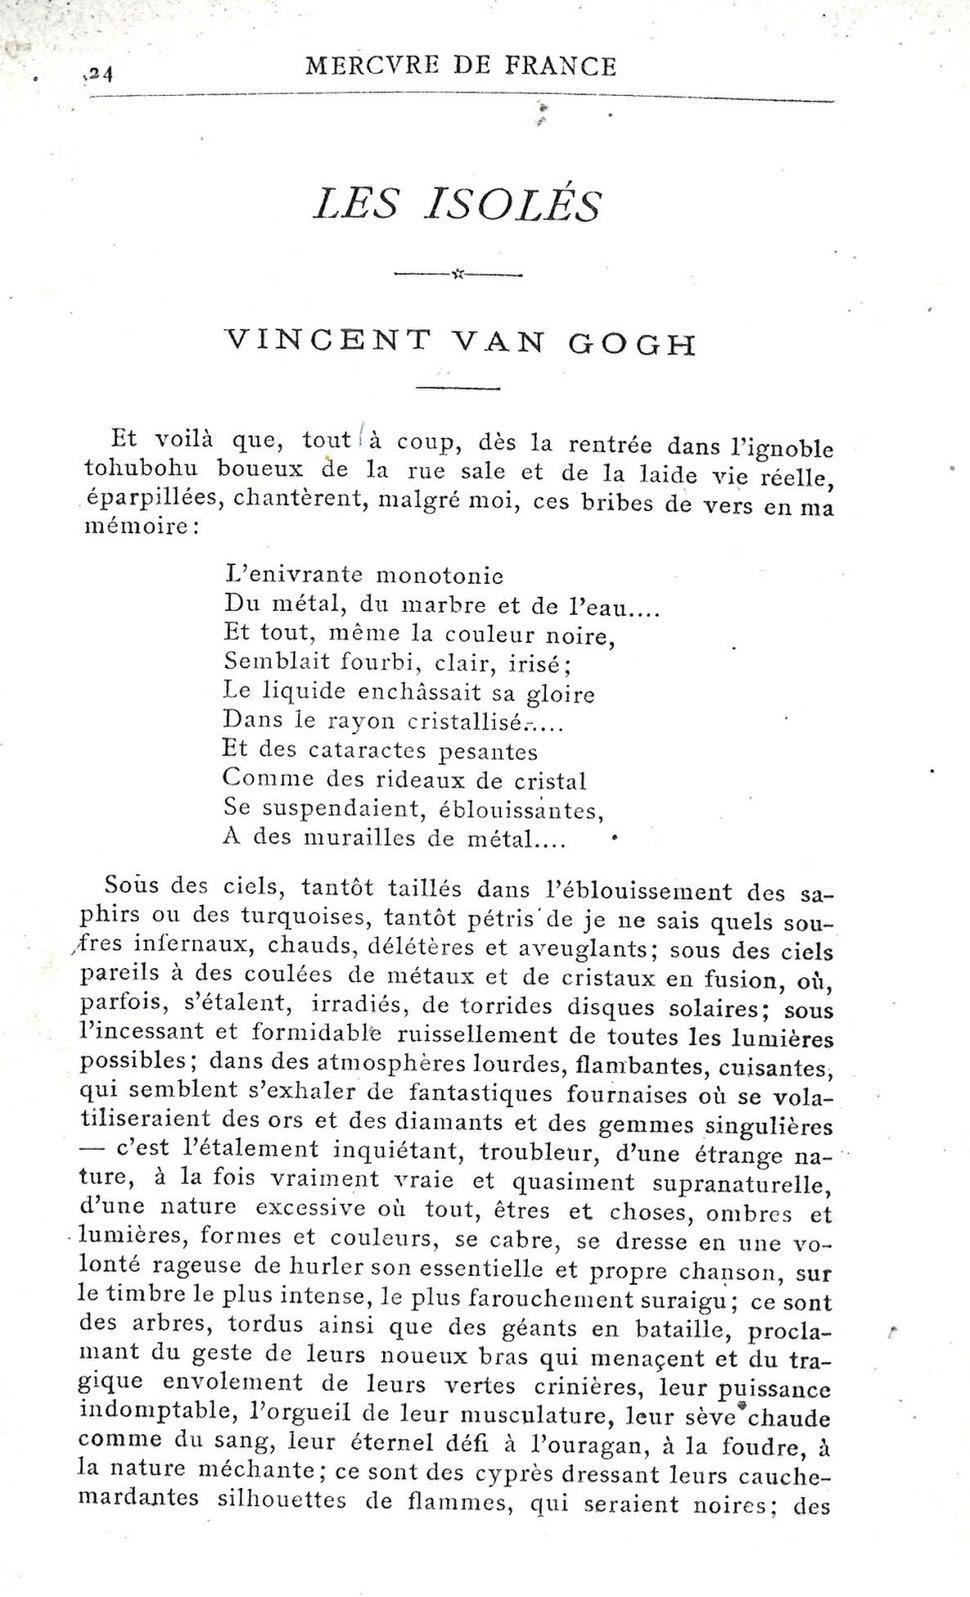 Gabriel Albert Aubrier - Les isolés - first page Article on Vincent van Gogh - Mercure de France, January 1890